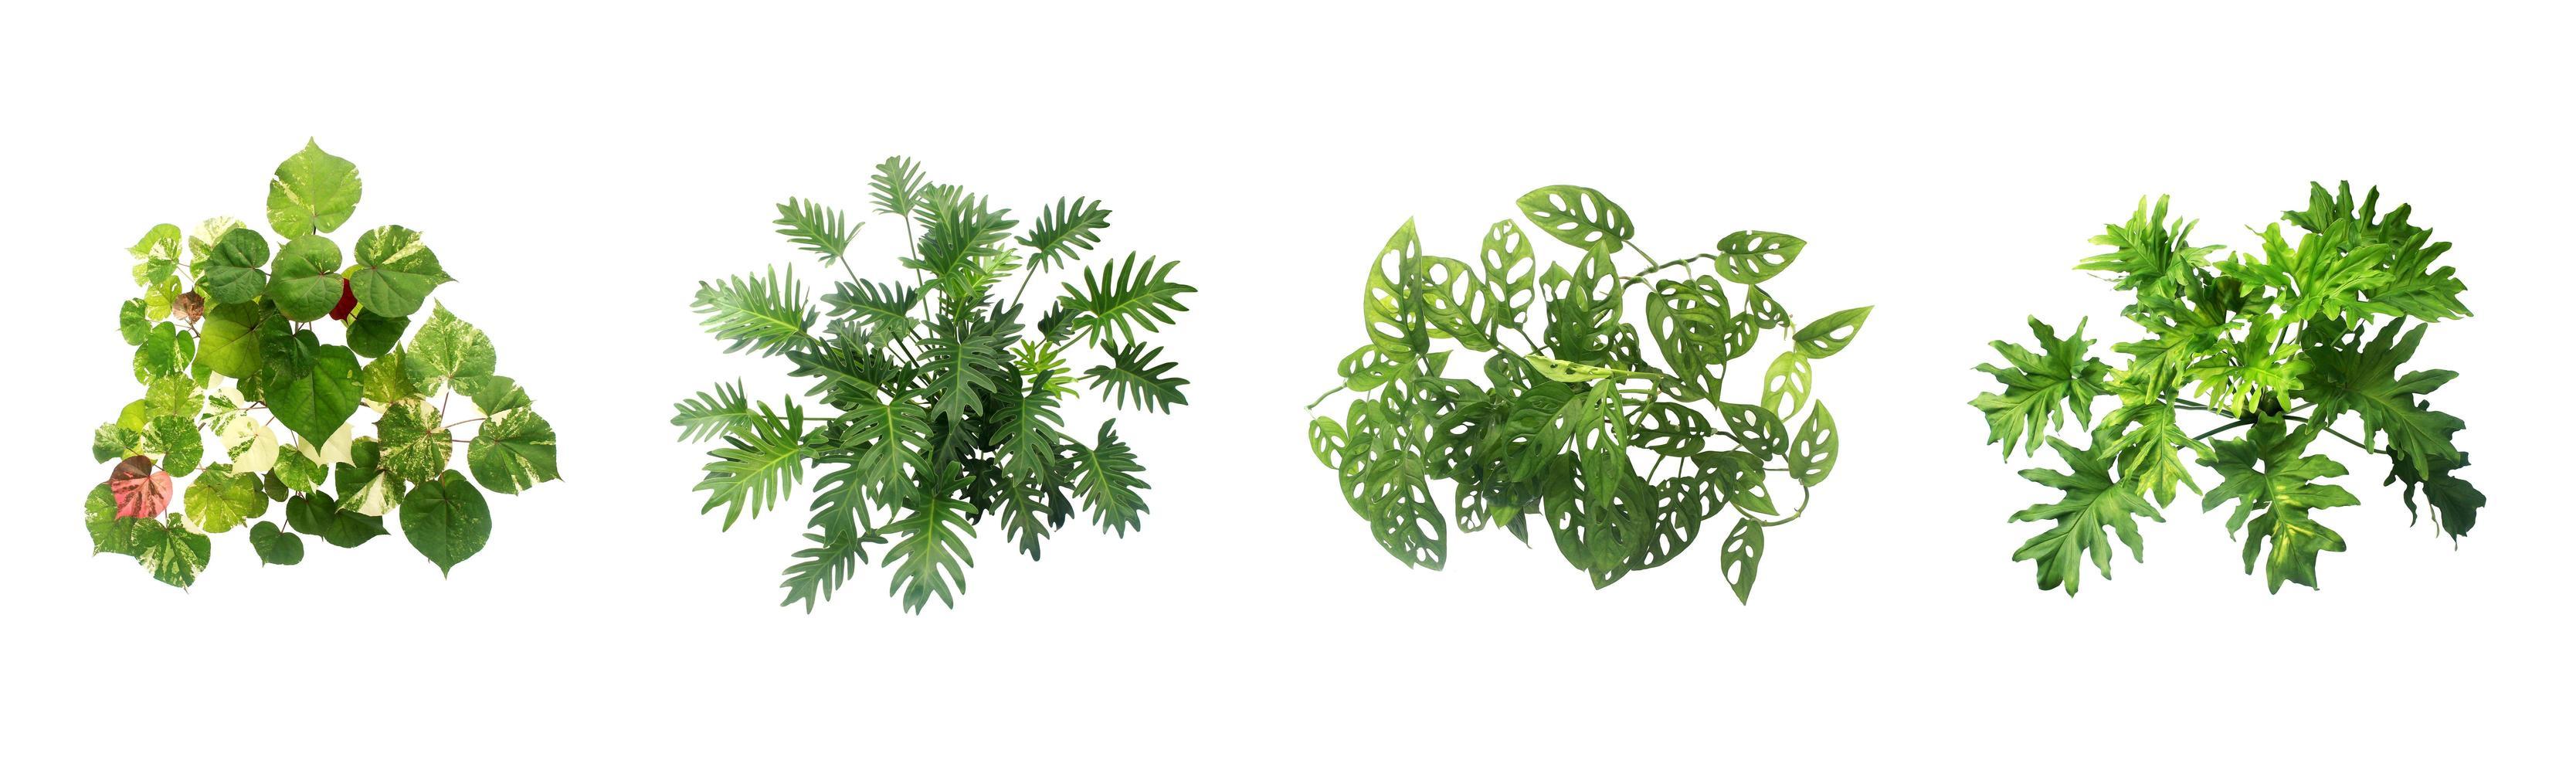 grüne Pflanzen auf weißem Hintergrund foto